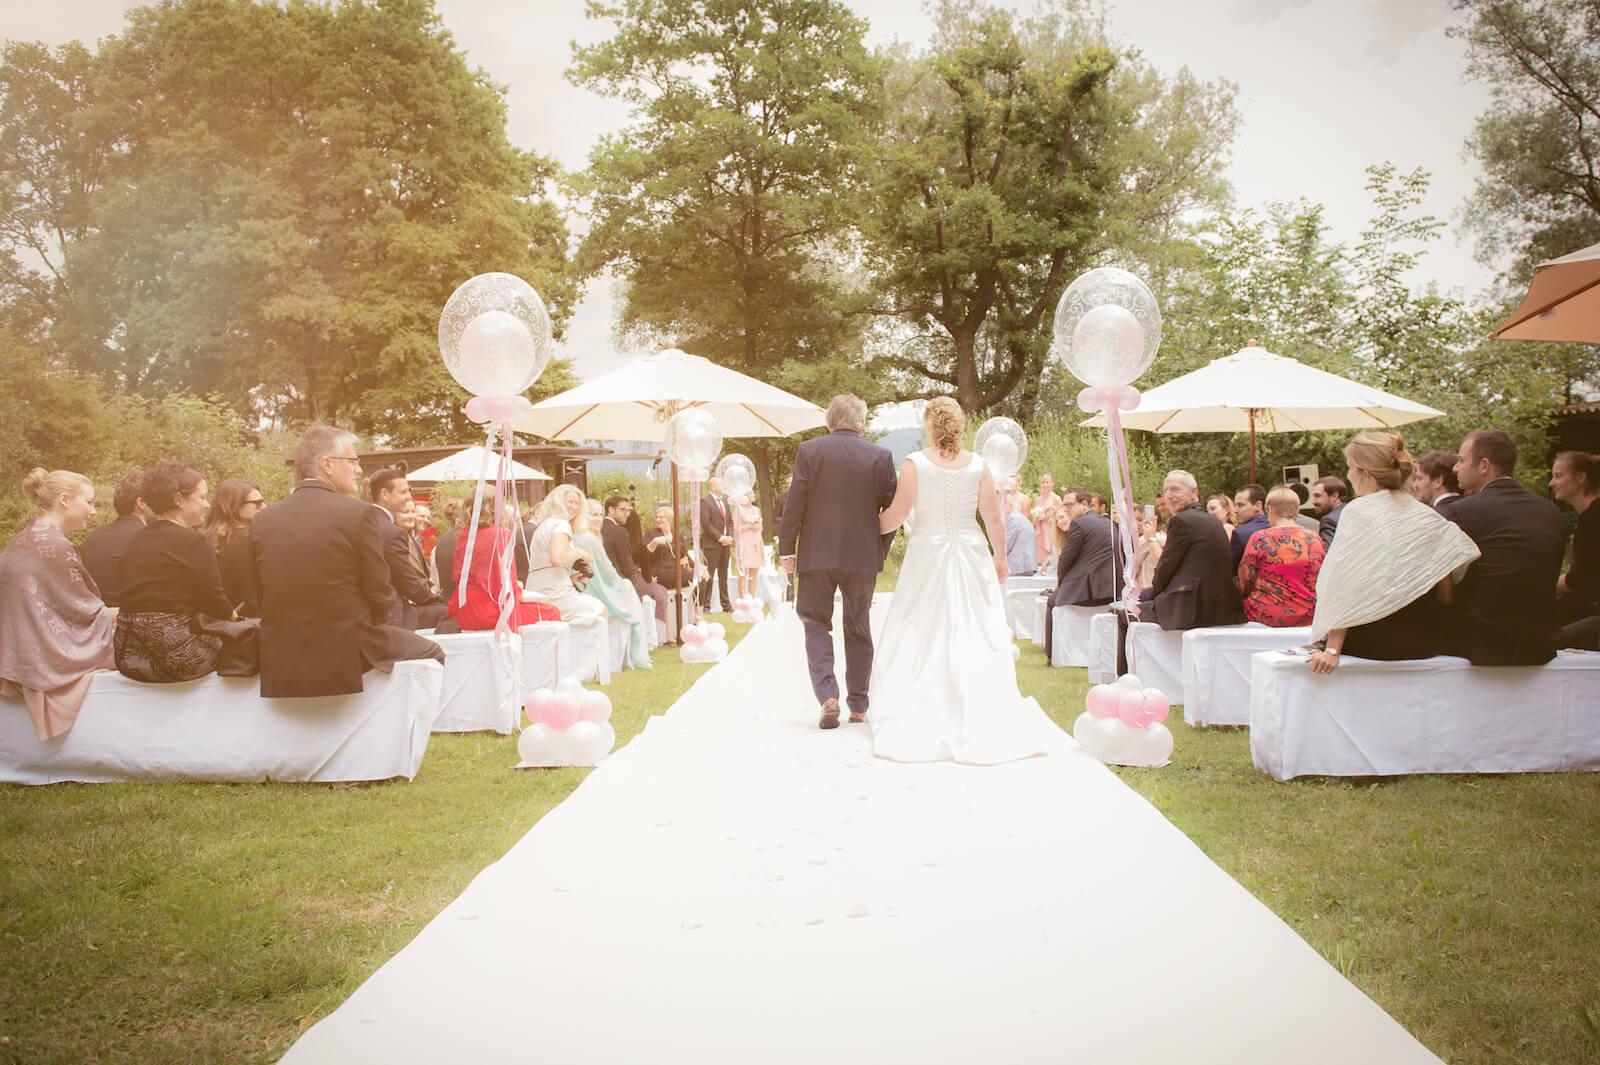 freie Trauung Ammersee - Einzug der Braut mit Papa auf weißem Teppich